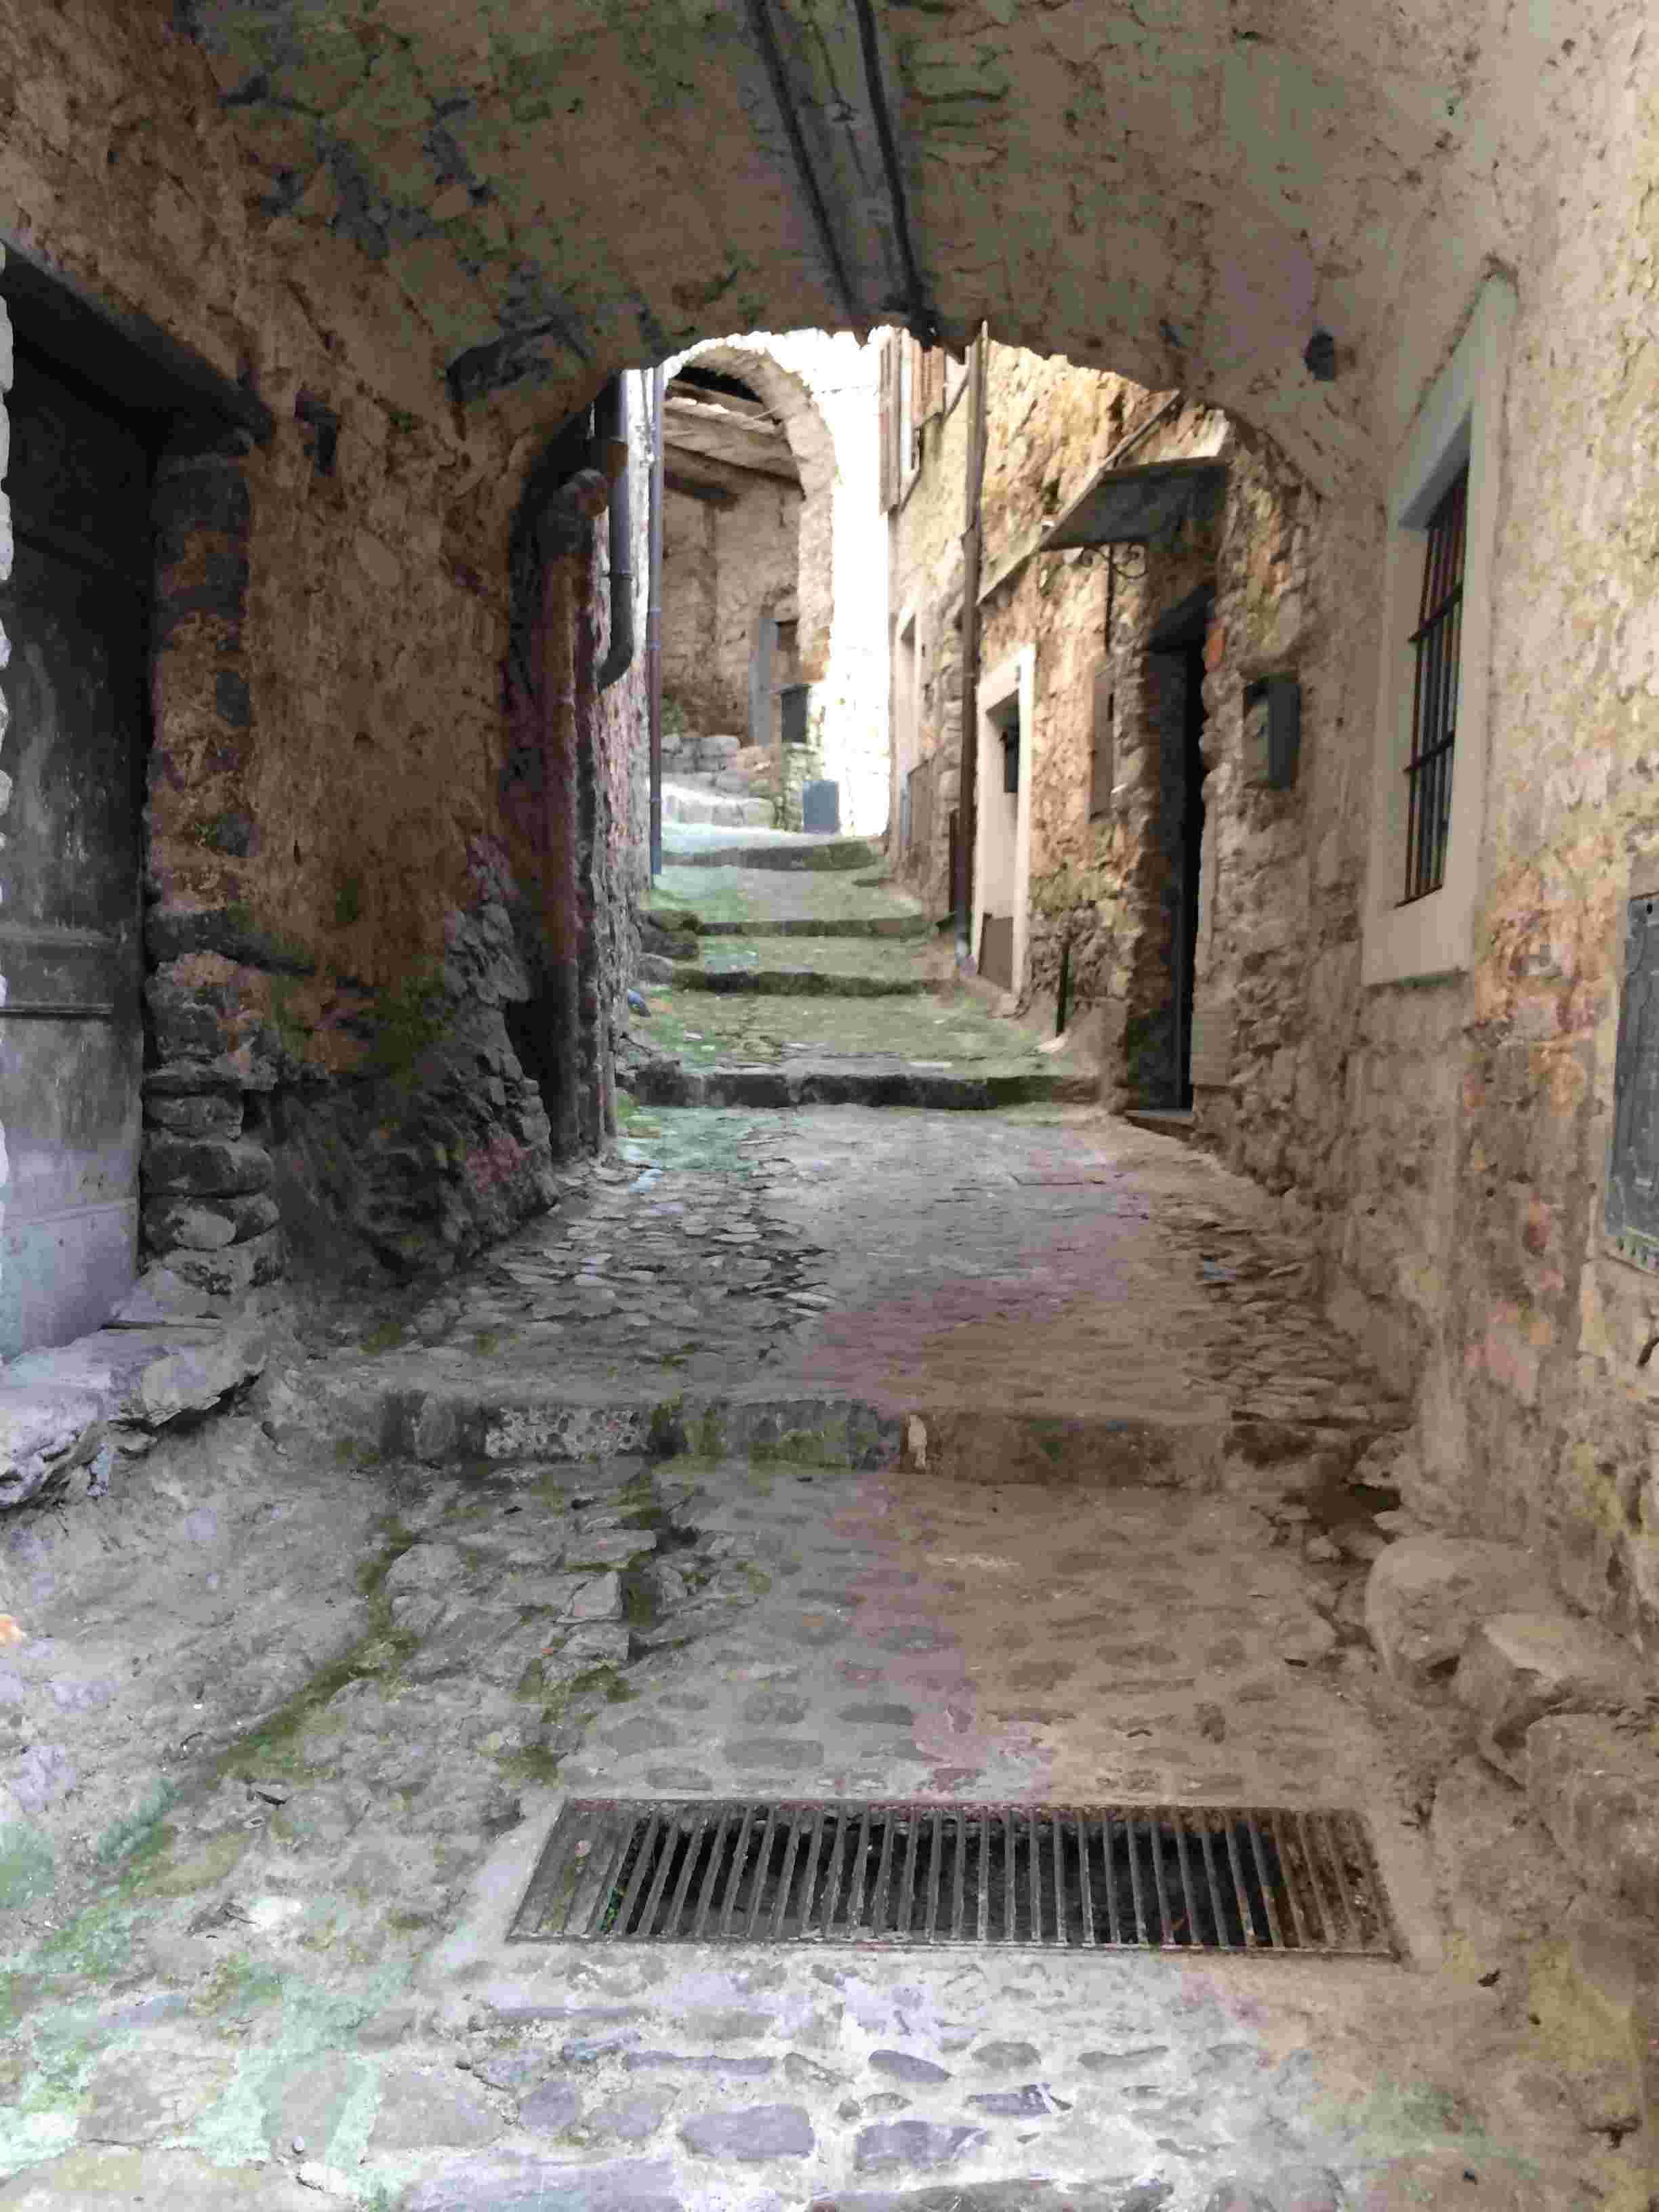 Apricale, le plus beau village d'Italie Aprica36